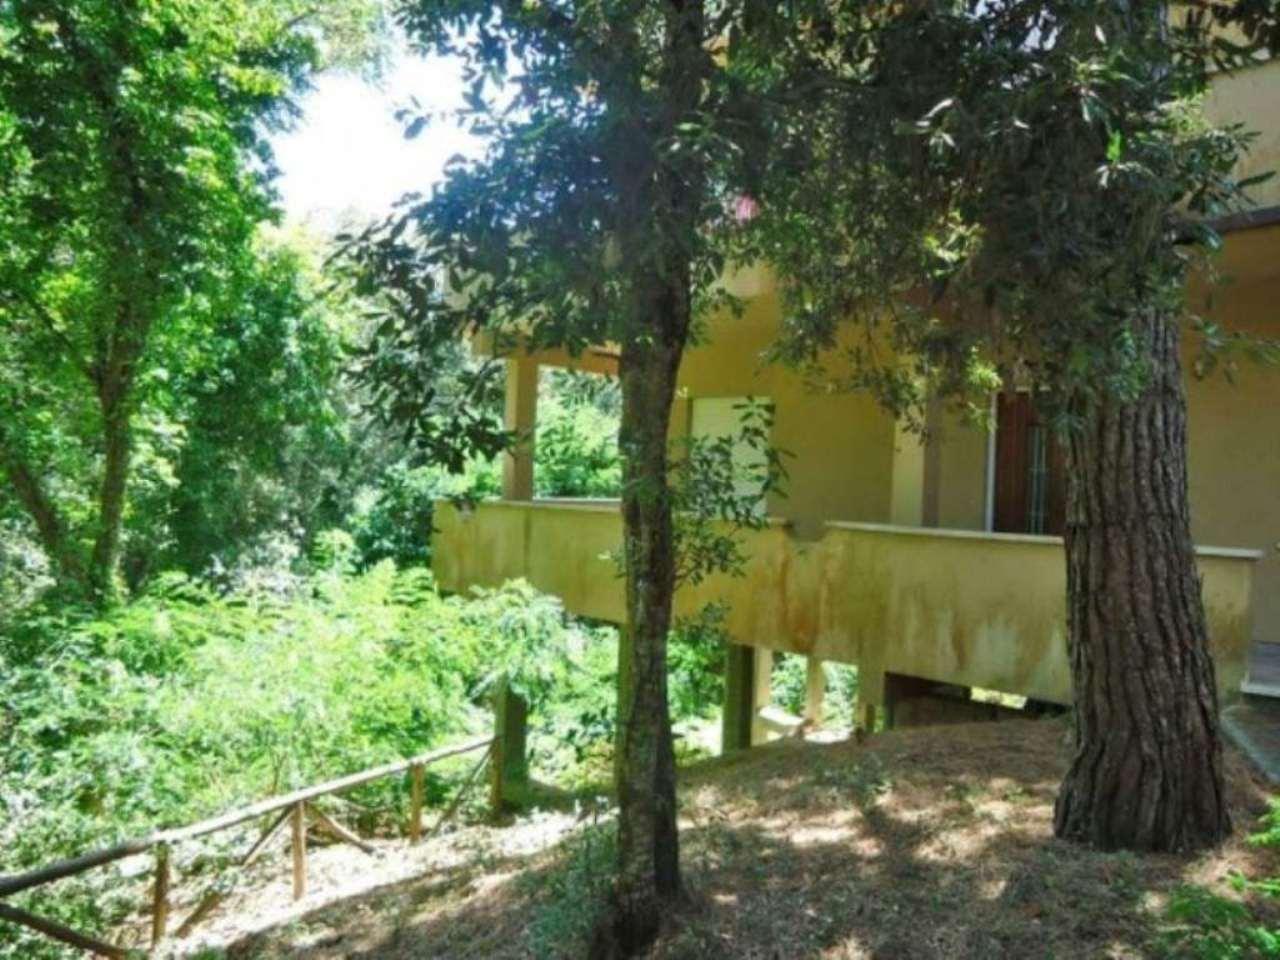 Soluzione Indipendente in vendita a Sabaudia, 5 locali, prezzo € 370.000 | CambioCasa.it